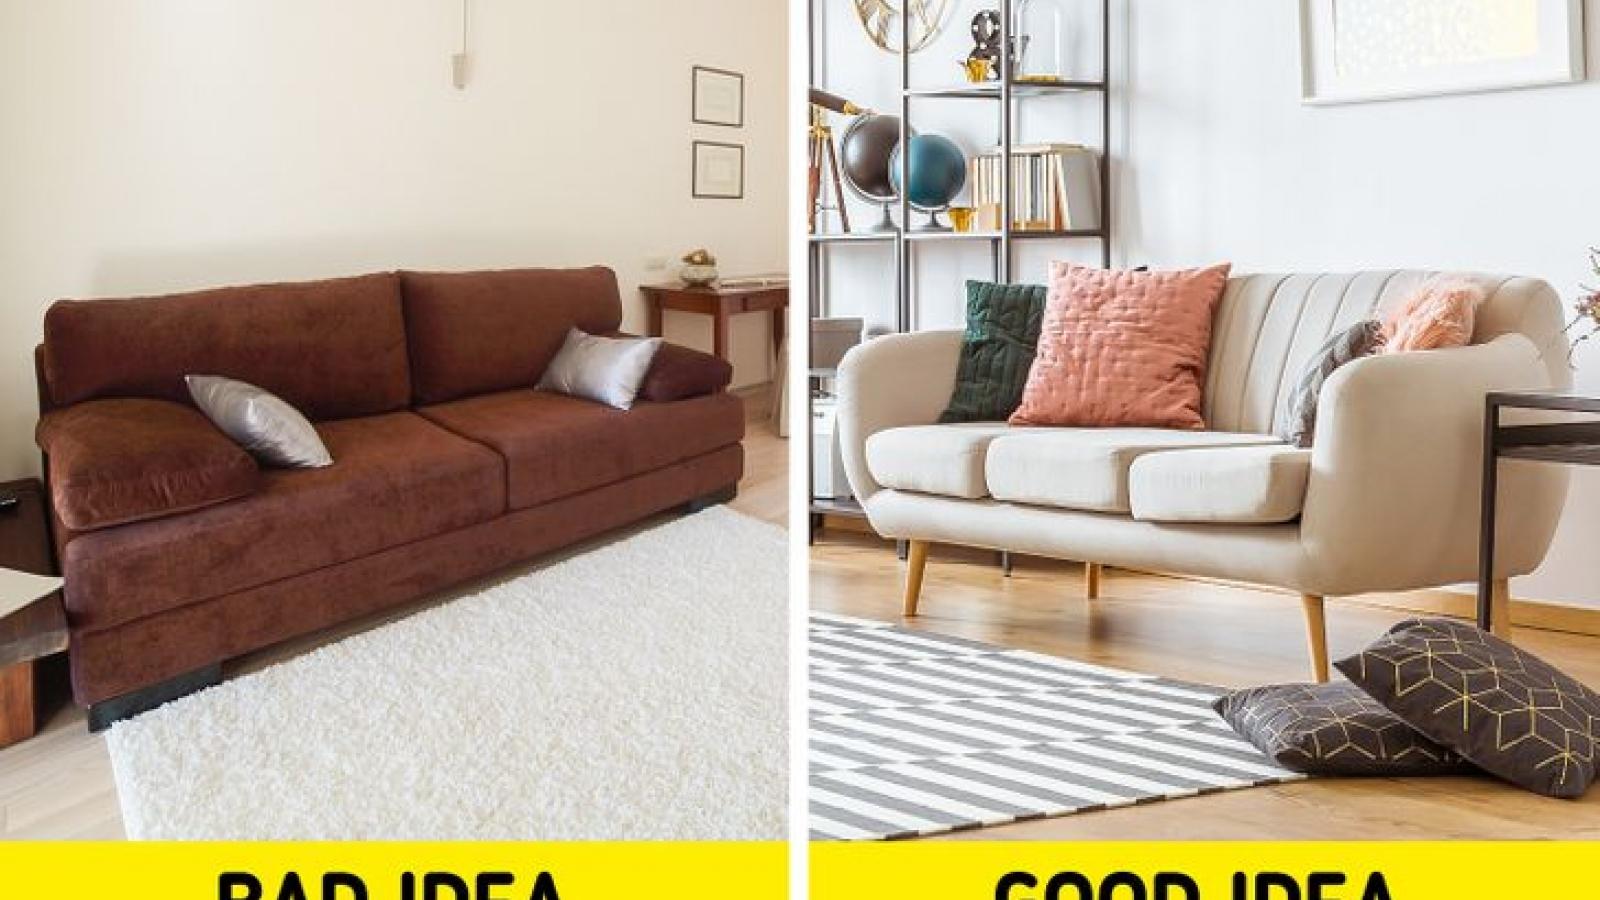 8 sai lầm thường mắc phải khi thiết kế căn hộ nhỏ